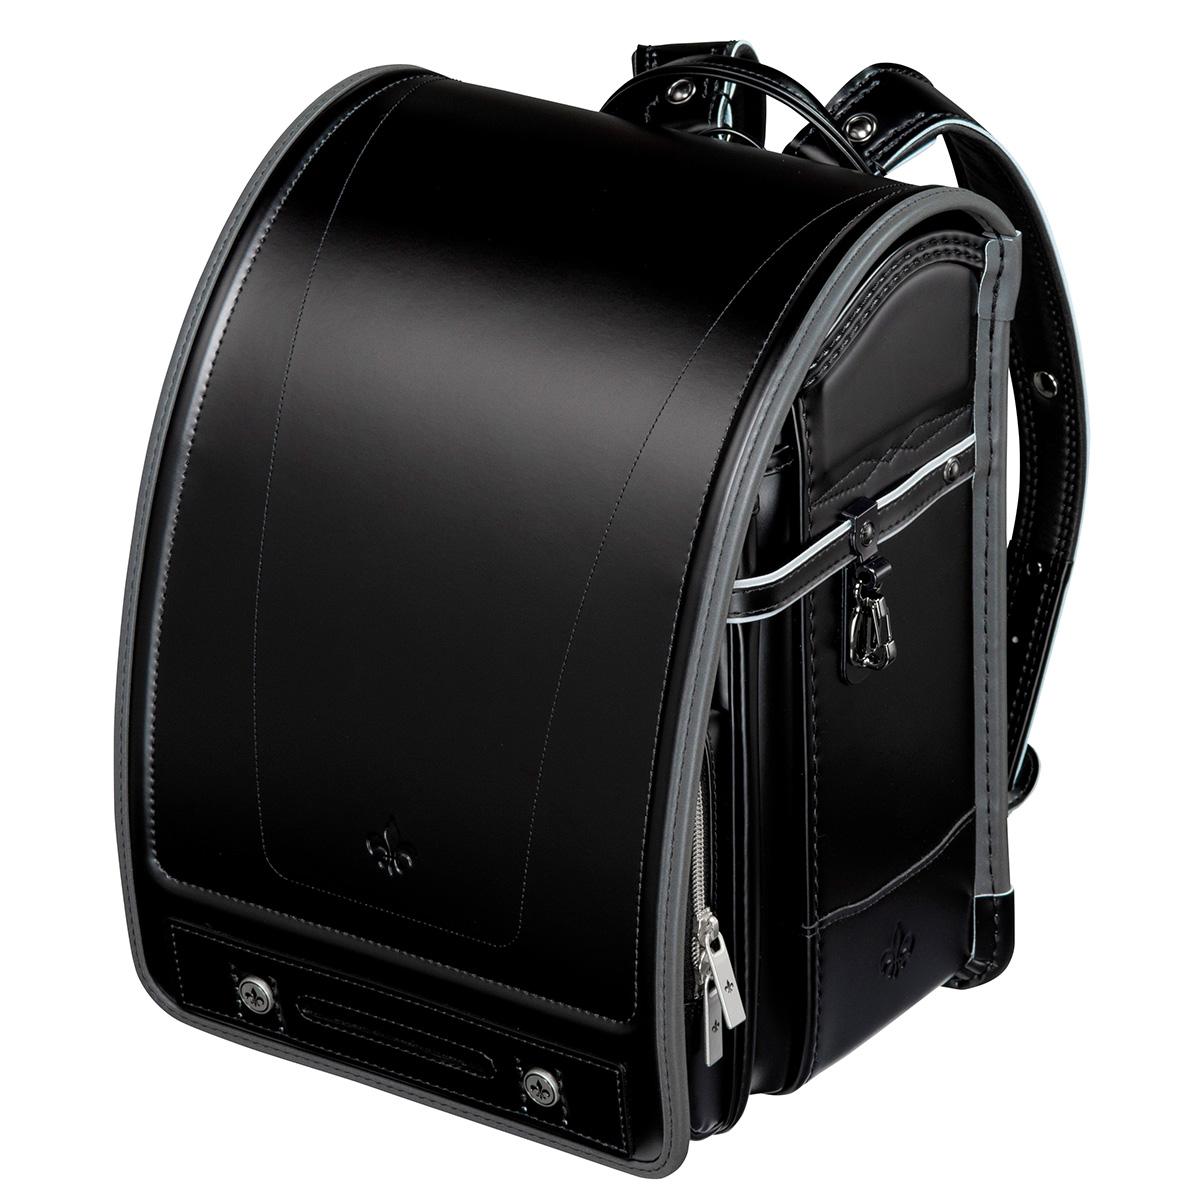 フィットちゃんランドセル グランナイト ブラック 安ピカッタイプ(FIT-231AZ)A4フラットファイル収納サイズ